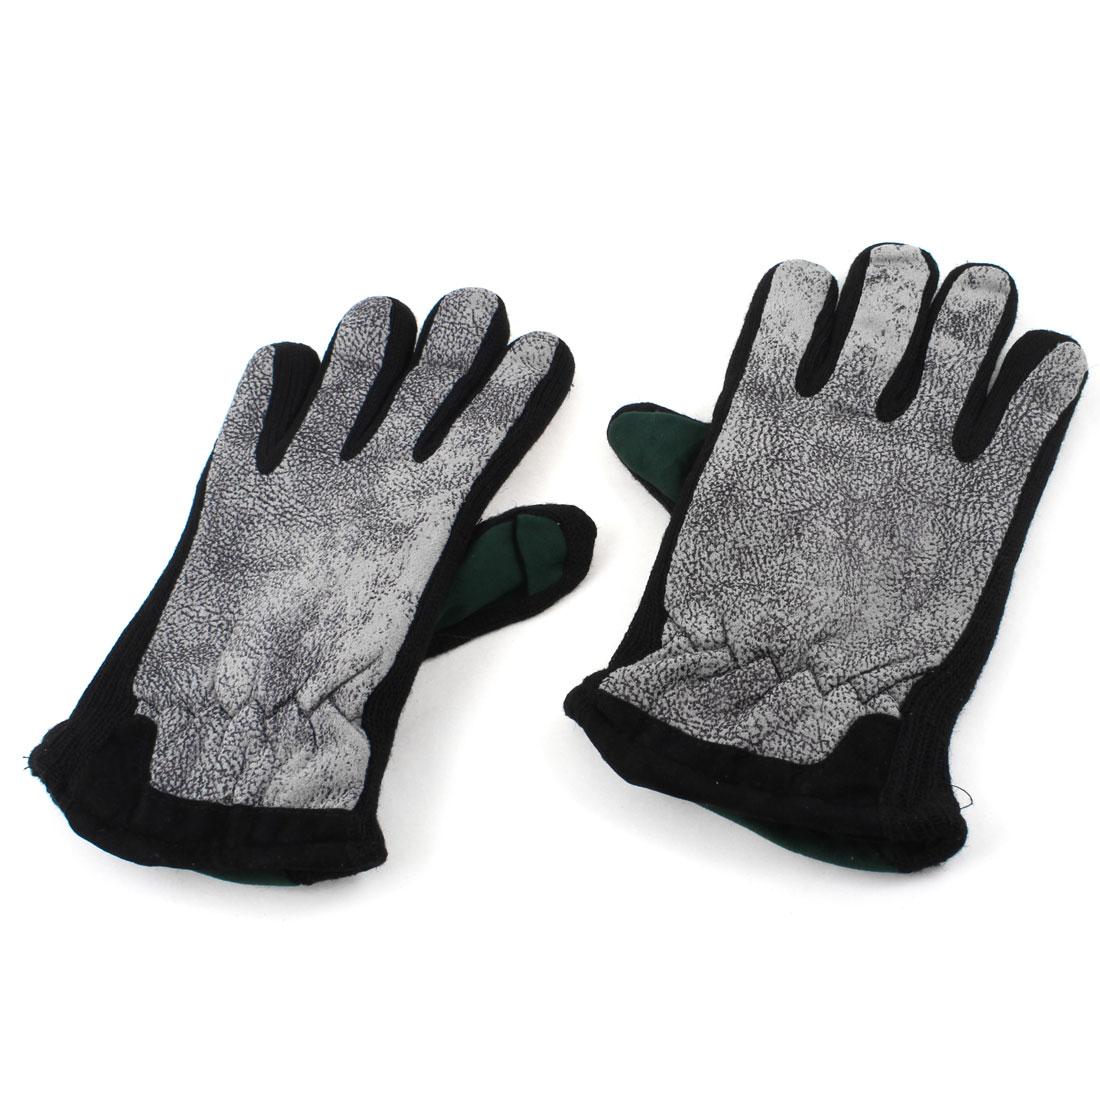 Ladies Wrist Hand Textured Warmer Warm Gloves Army Green Black Pair